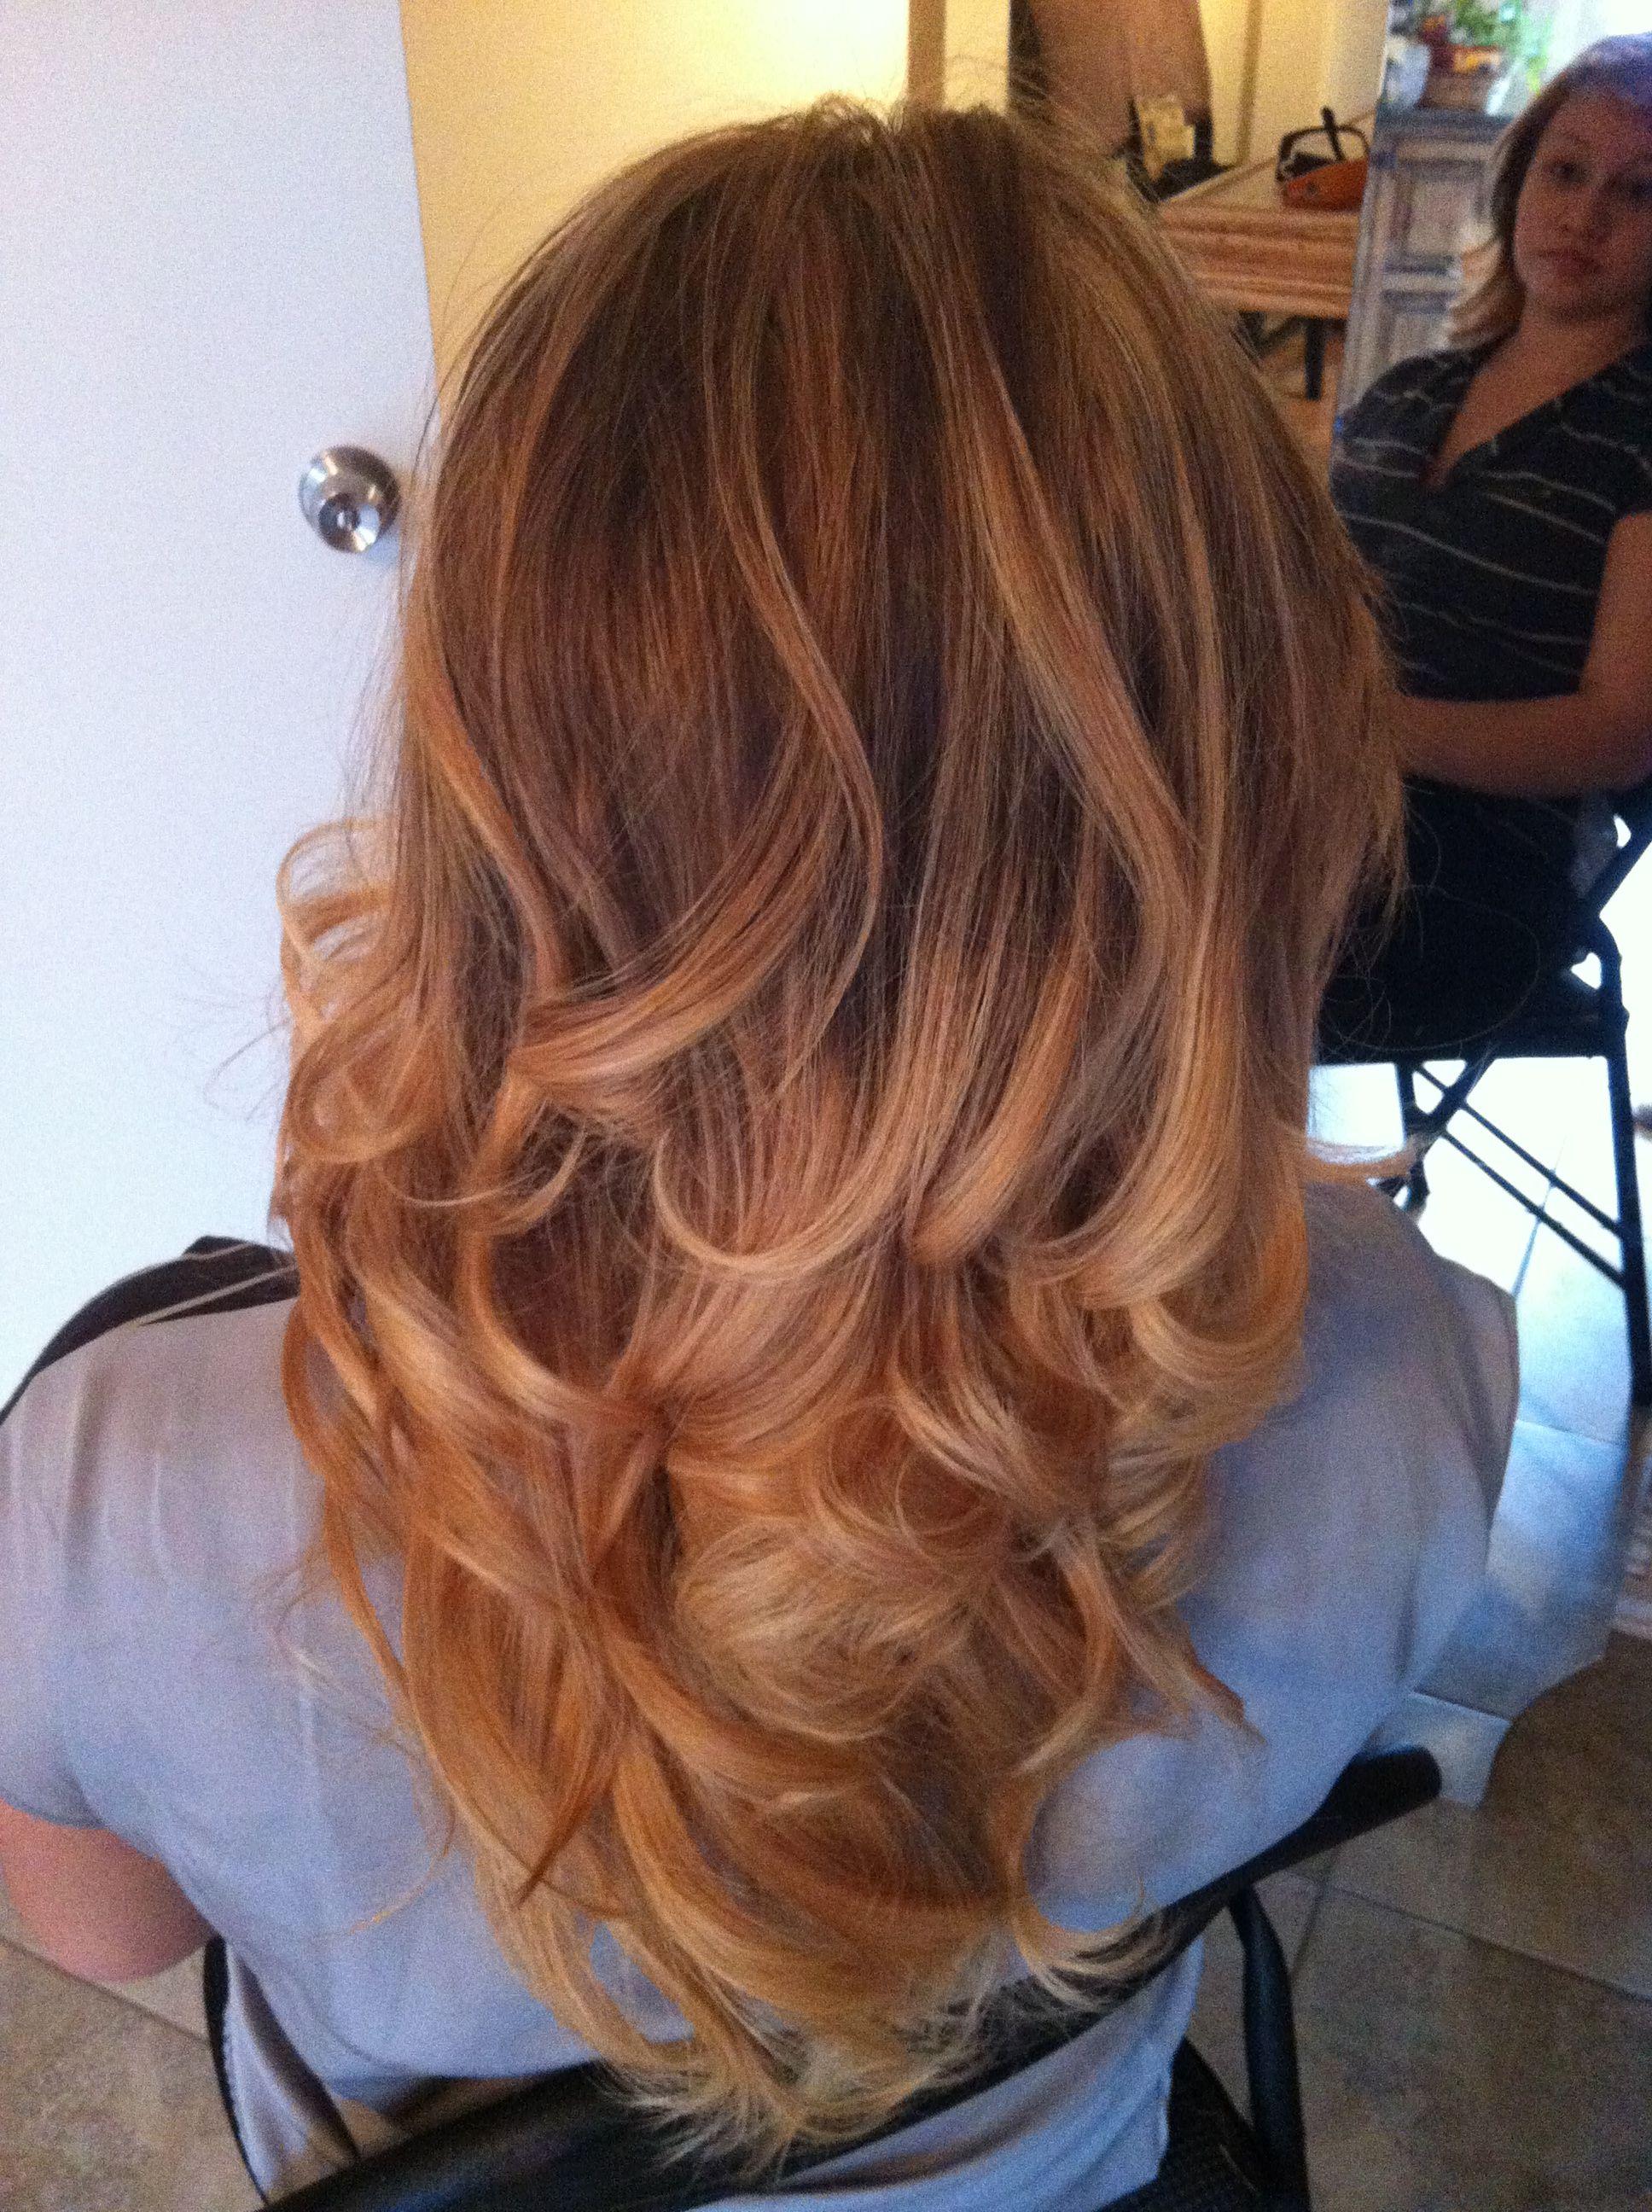 Ombré hair by Ashley Vee Hair, Ombre hair, Dyed hair